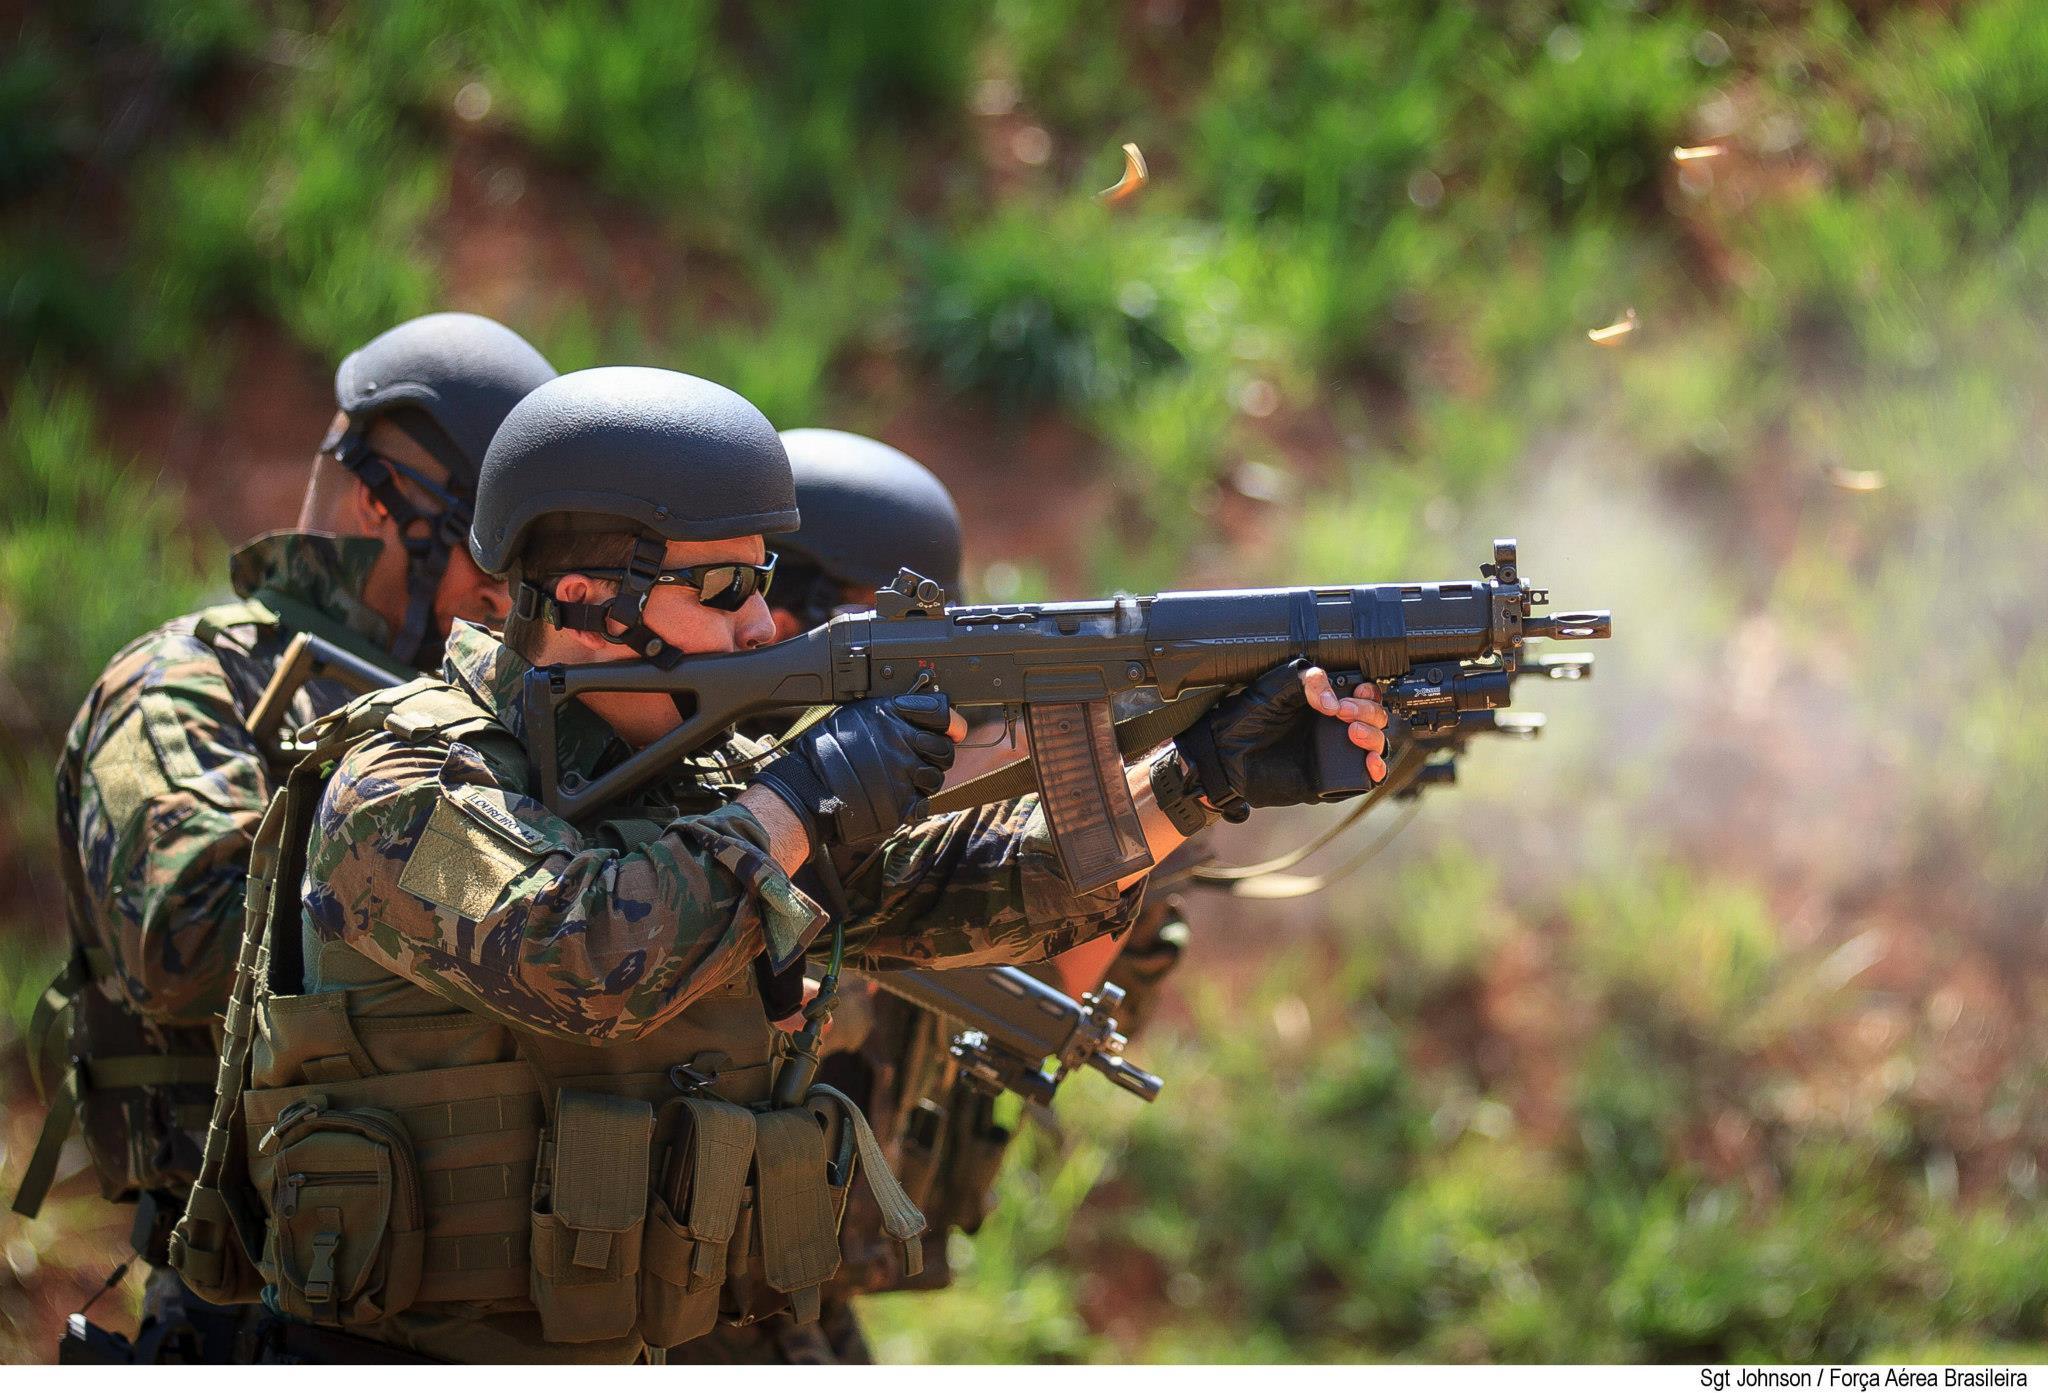 FAB PÉ DE POEIRA: PARA-SAR participa da fase de combate urbano do adestramento para grandes eventos